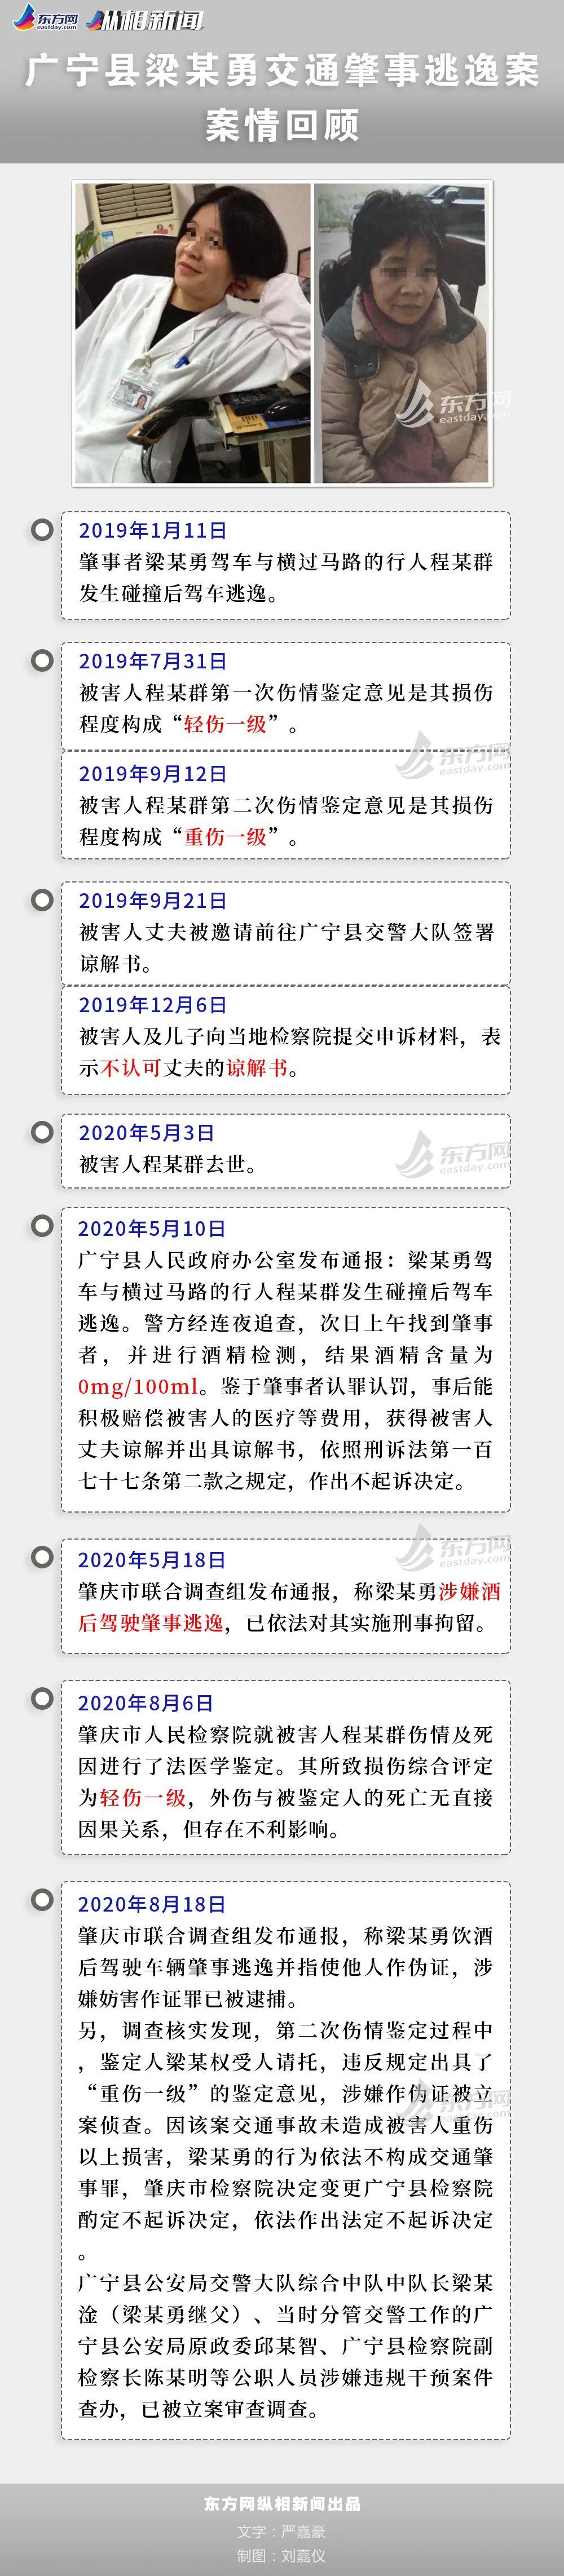 广东交警队长之子酒驾逃逸案续:儿子被批捕继父被立案 仍有两个疑问